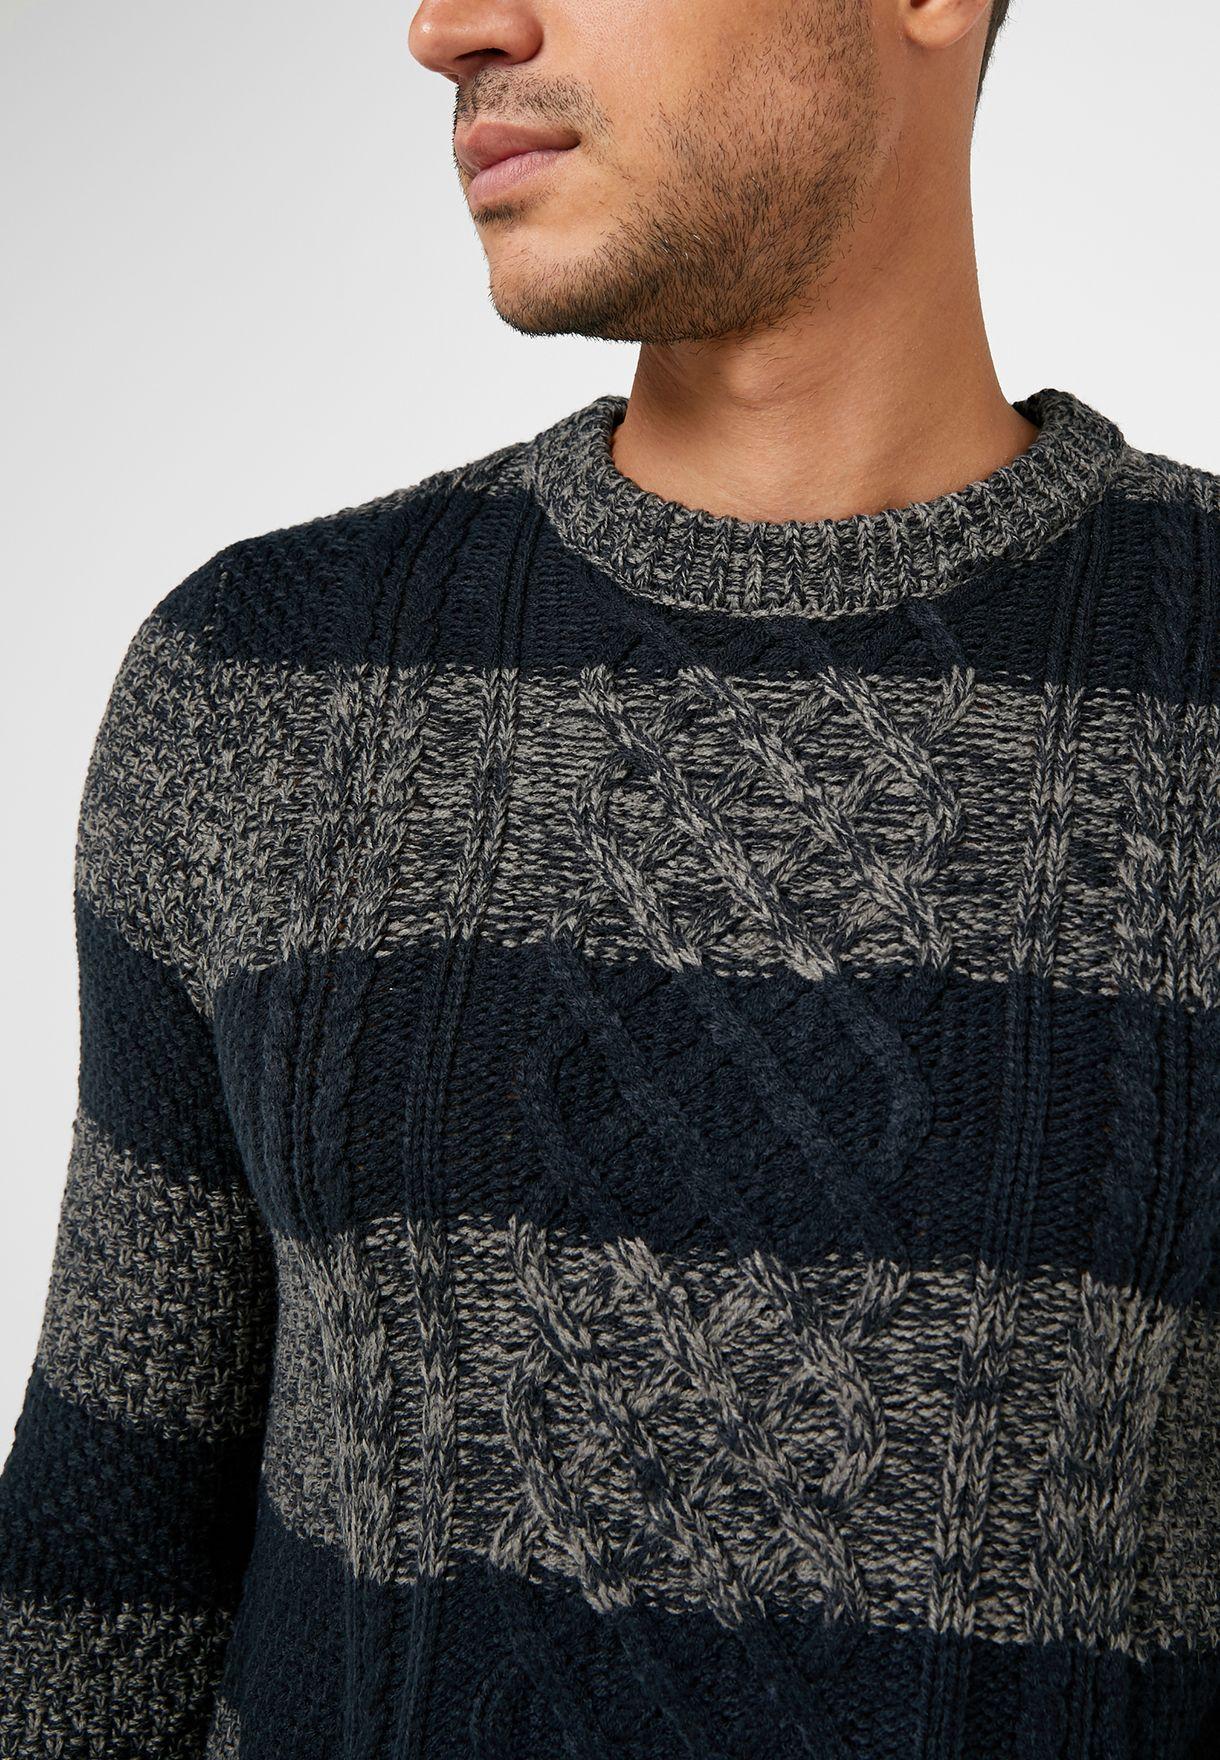 Textured Colourblock Sweater